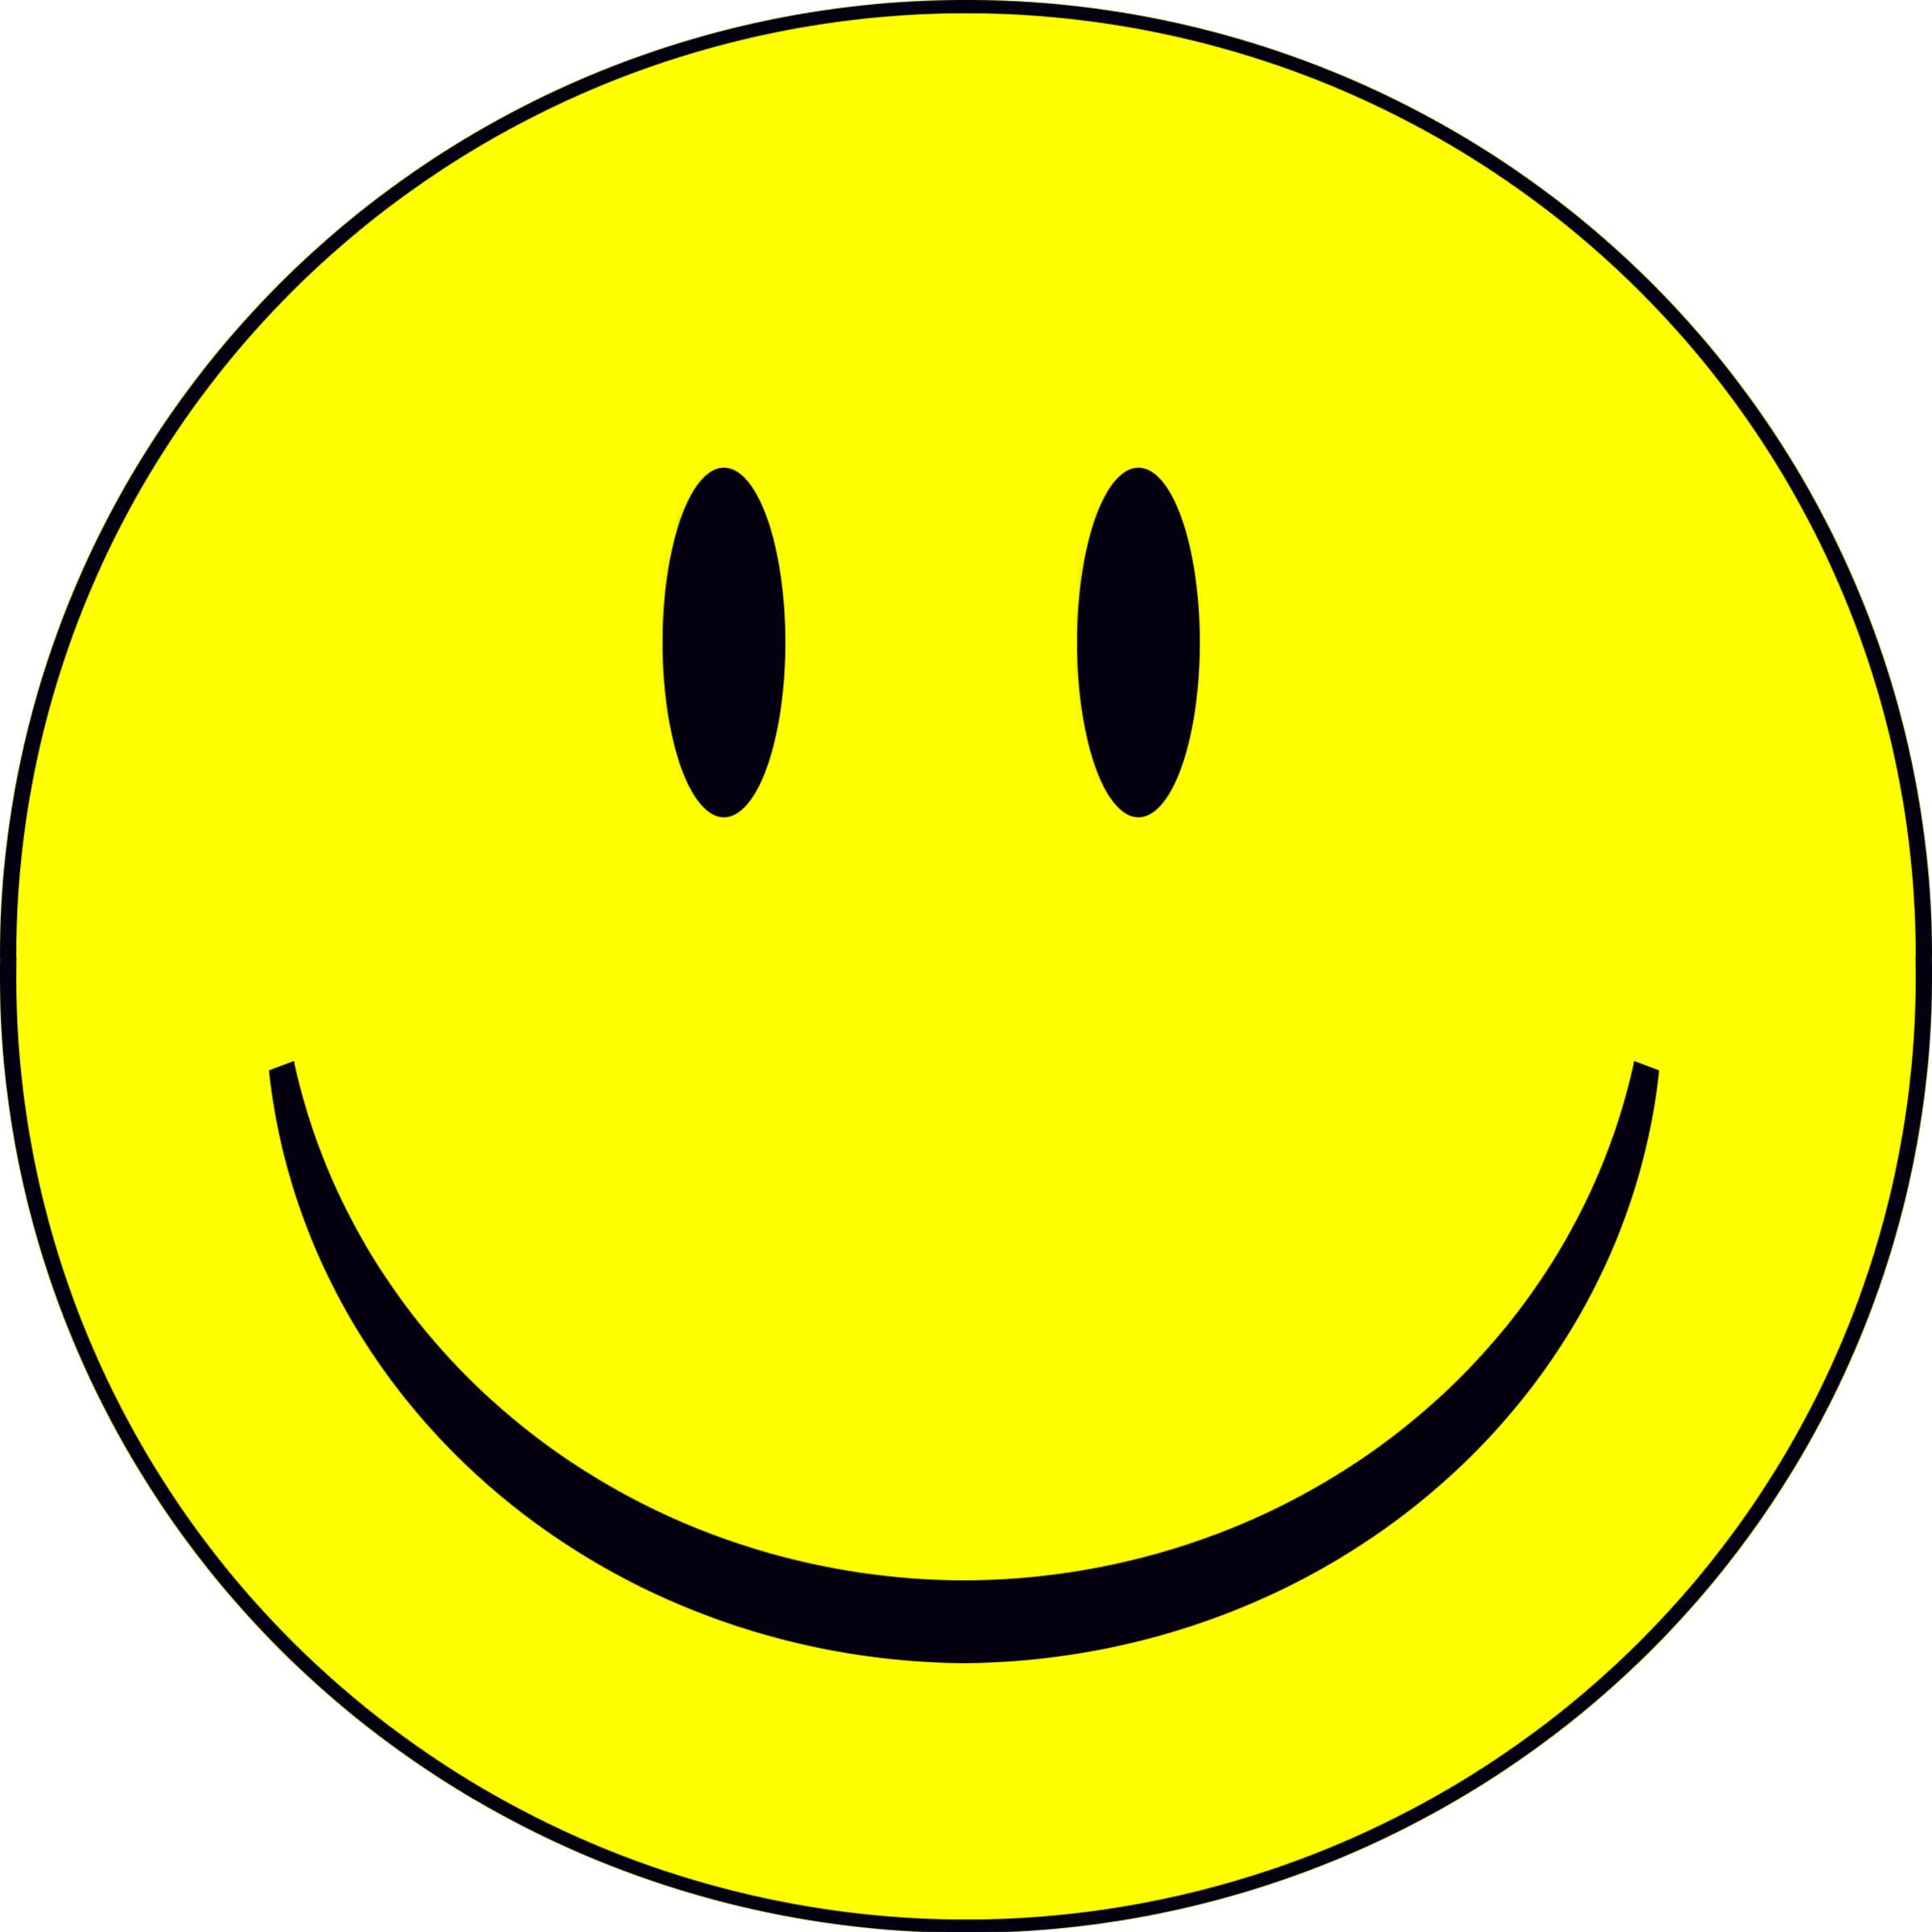 Clip Art Smiley Face - Cliparts.co